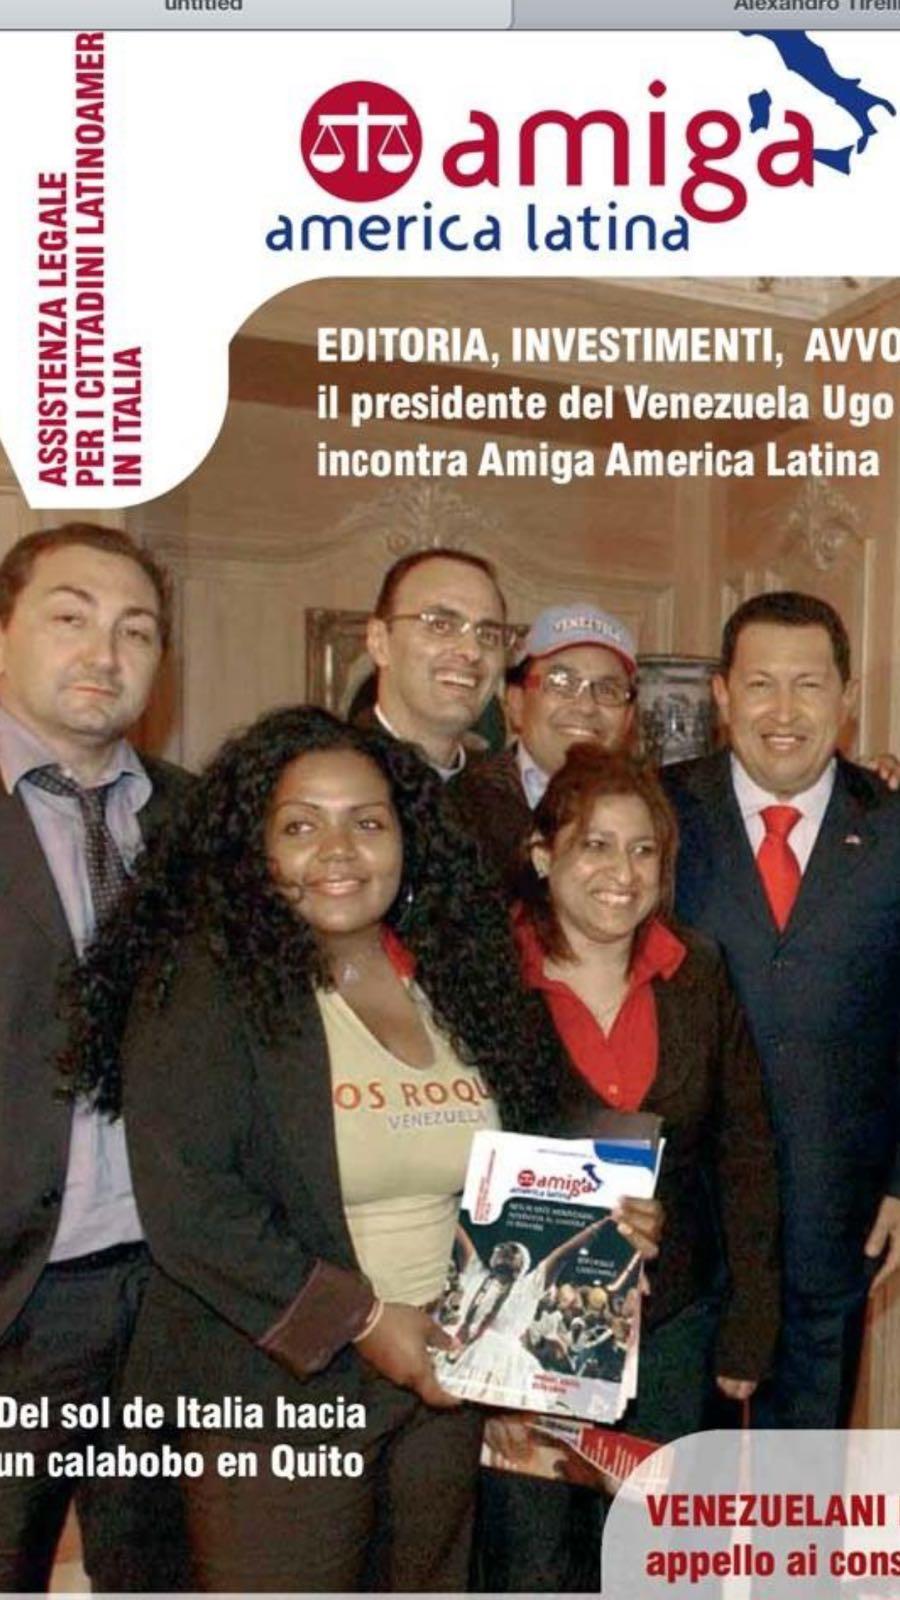 Alexandro Maria Tirelli e Presidente Hugo Chavez